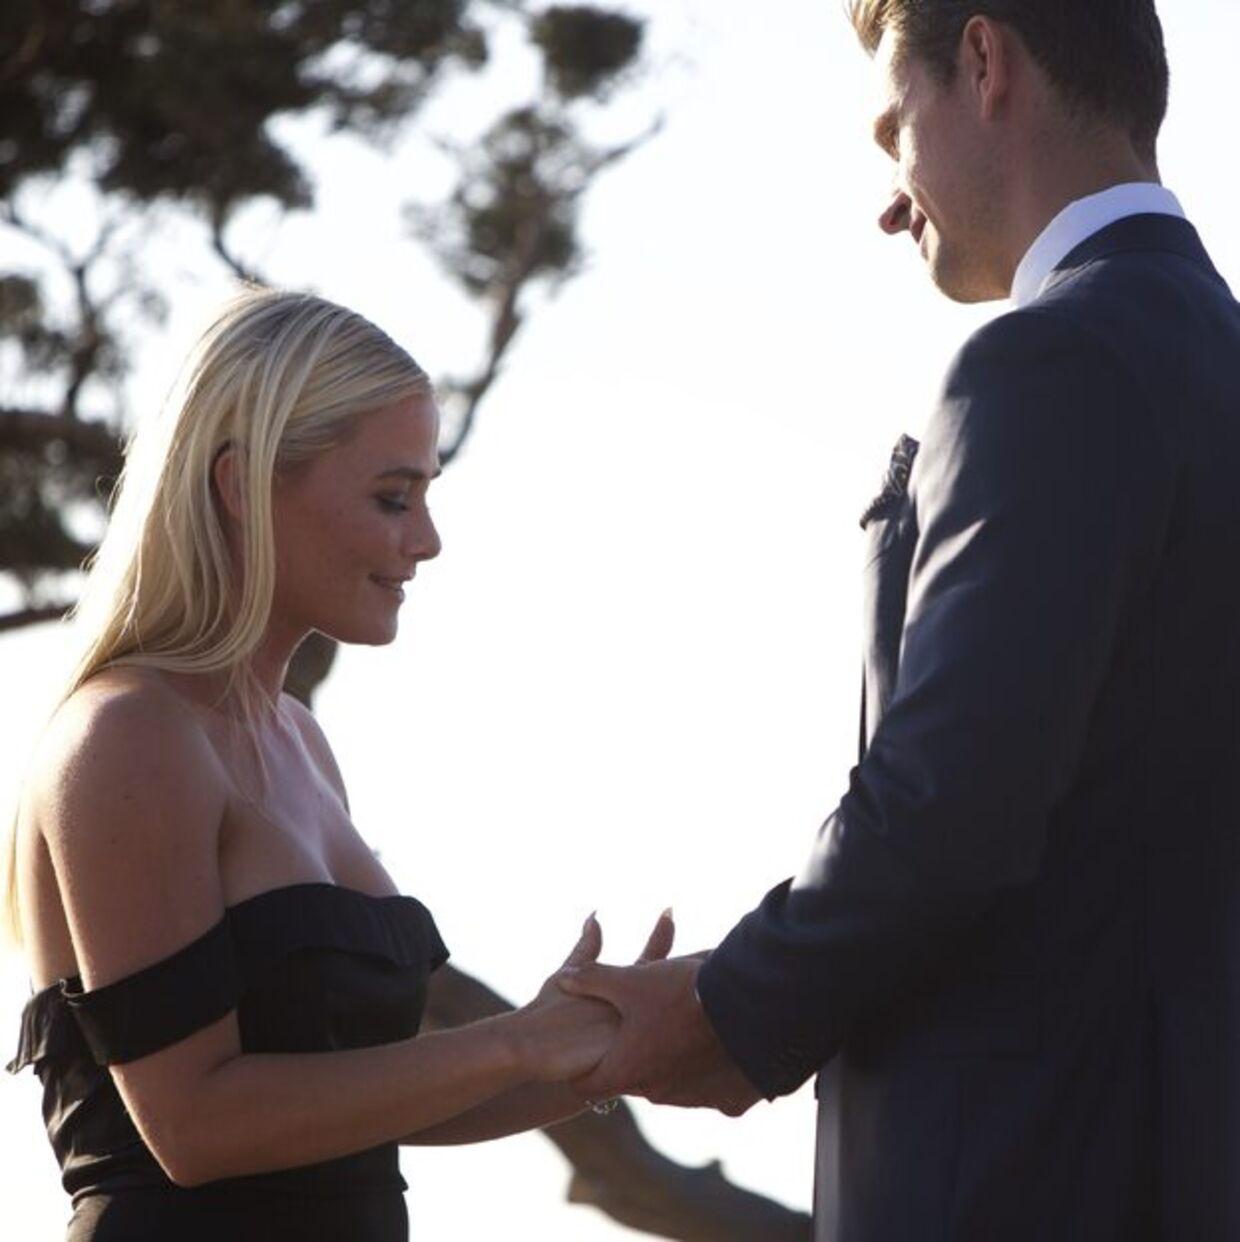 Stine Lykke Lorentzen fik knust sit hjerte, da hun slet ikke havde forudset, at Casper Berthelsen ikke kunne give hende sin sidste rose.